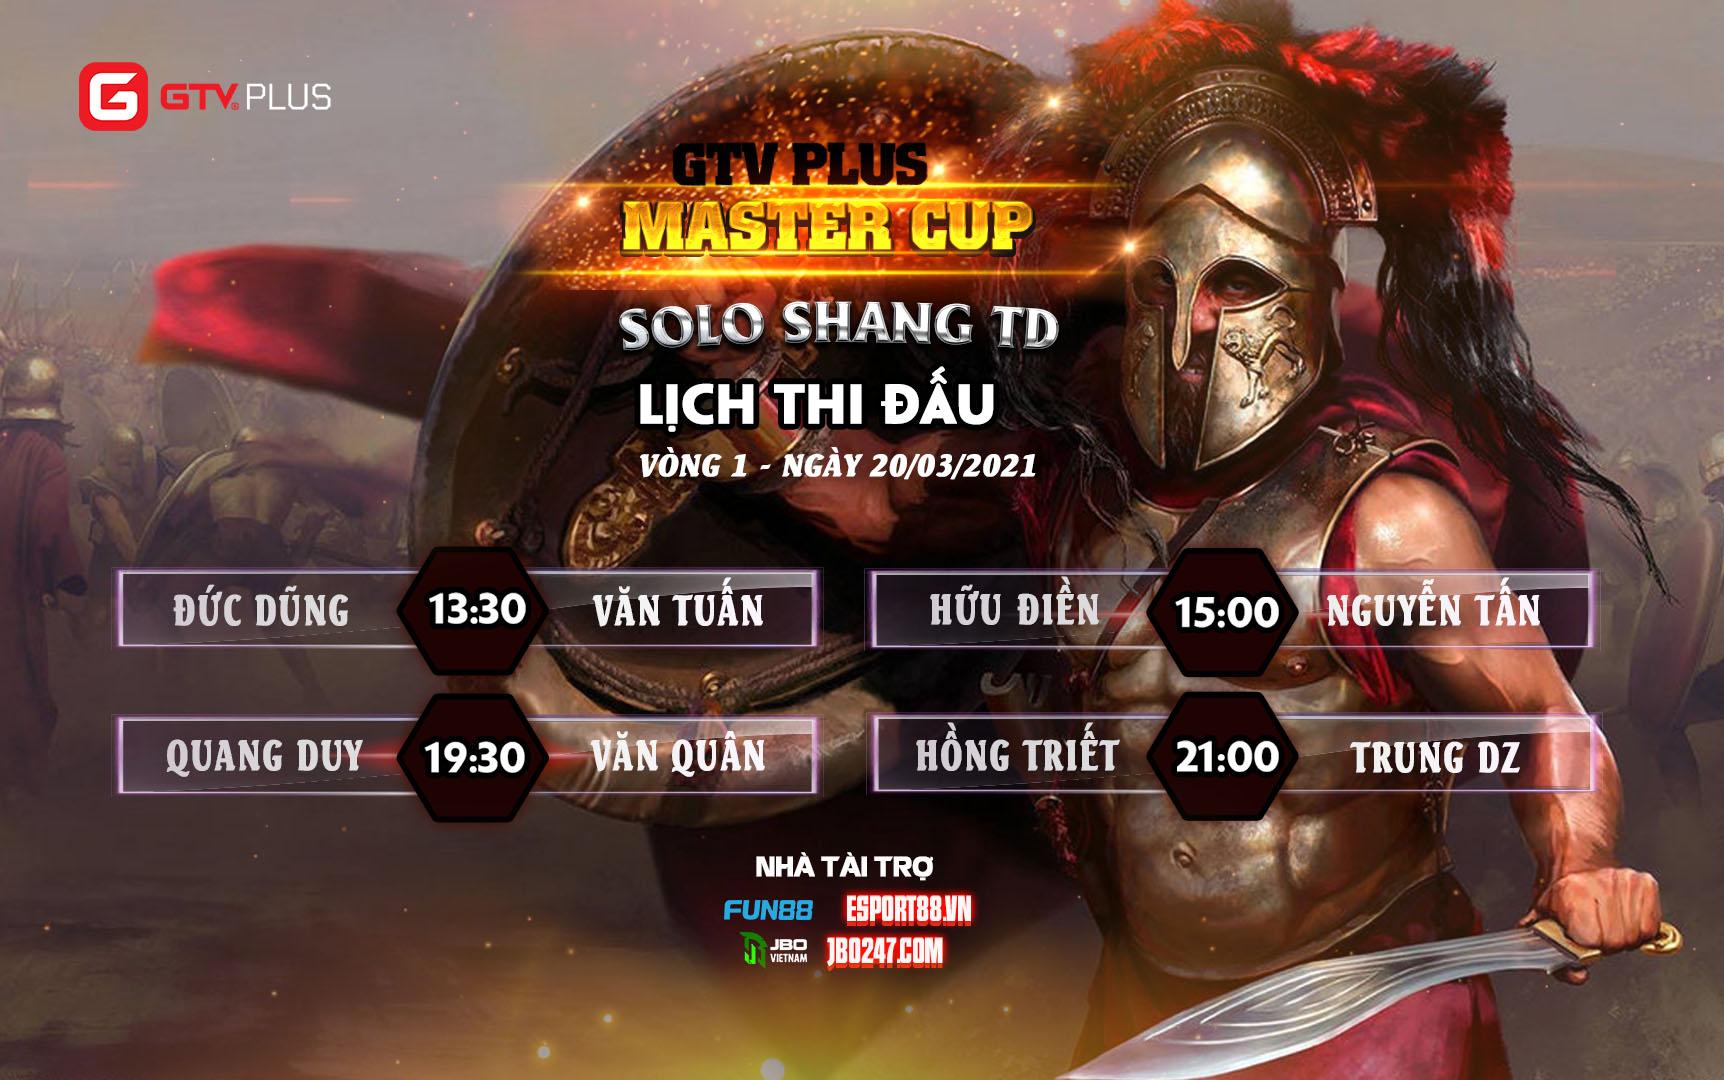 Lịch thi đấu ngày thi đấu ngày 20 tháng 3 Giải đấu GTV Plus Master Cup 2021